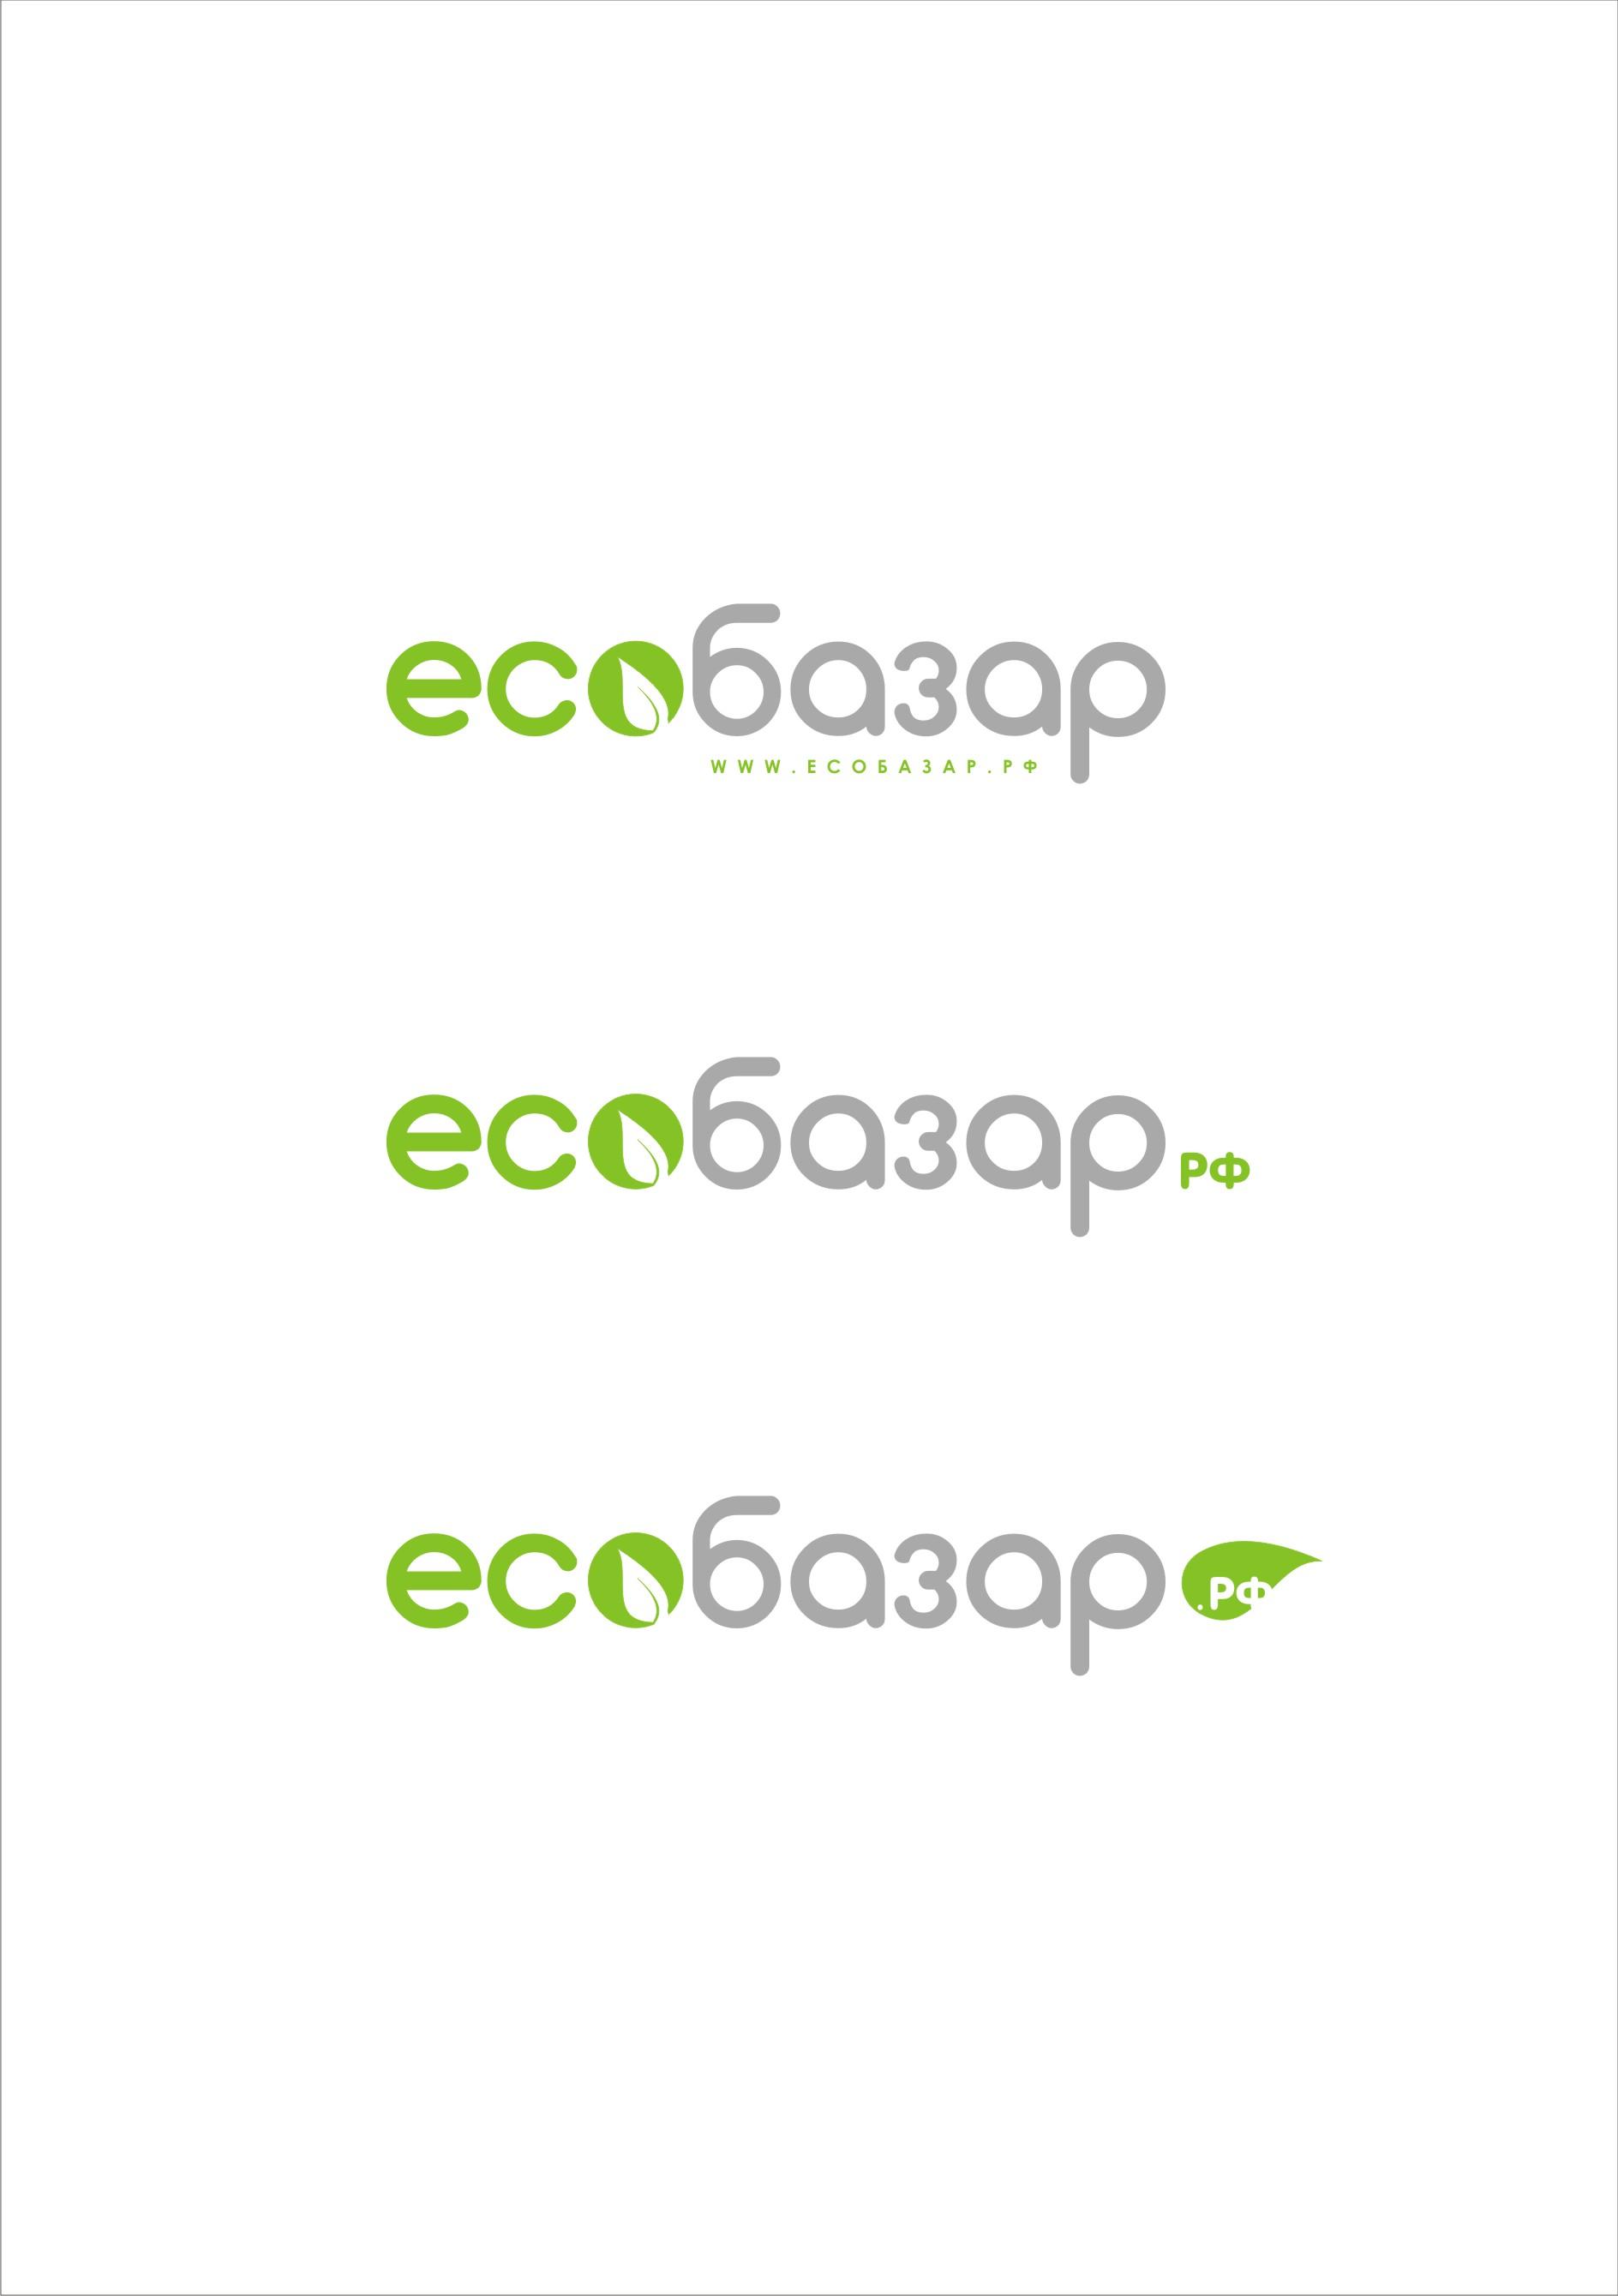 Логотип компании натуральных (фермерских) продуктов фото f_068594139bb5b6fa.jpg